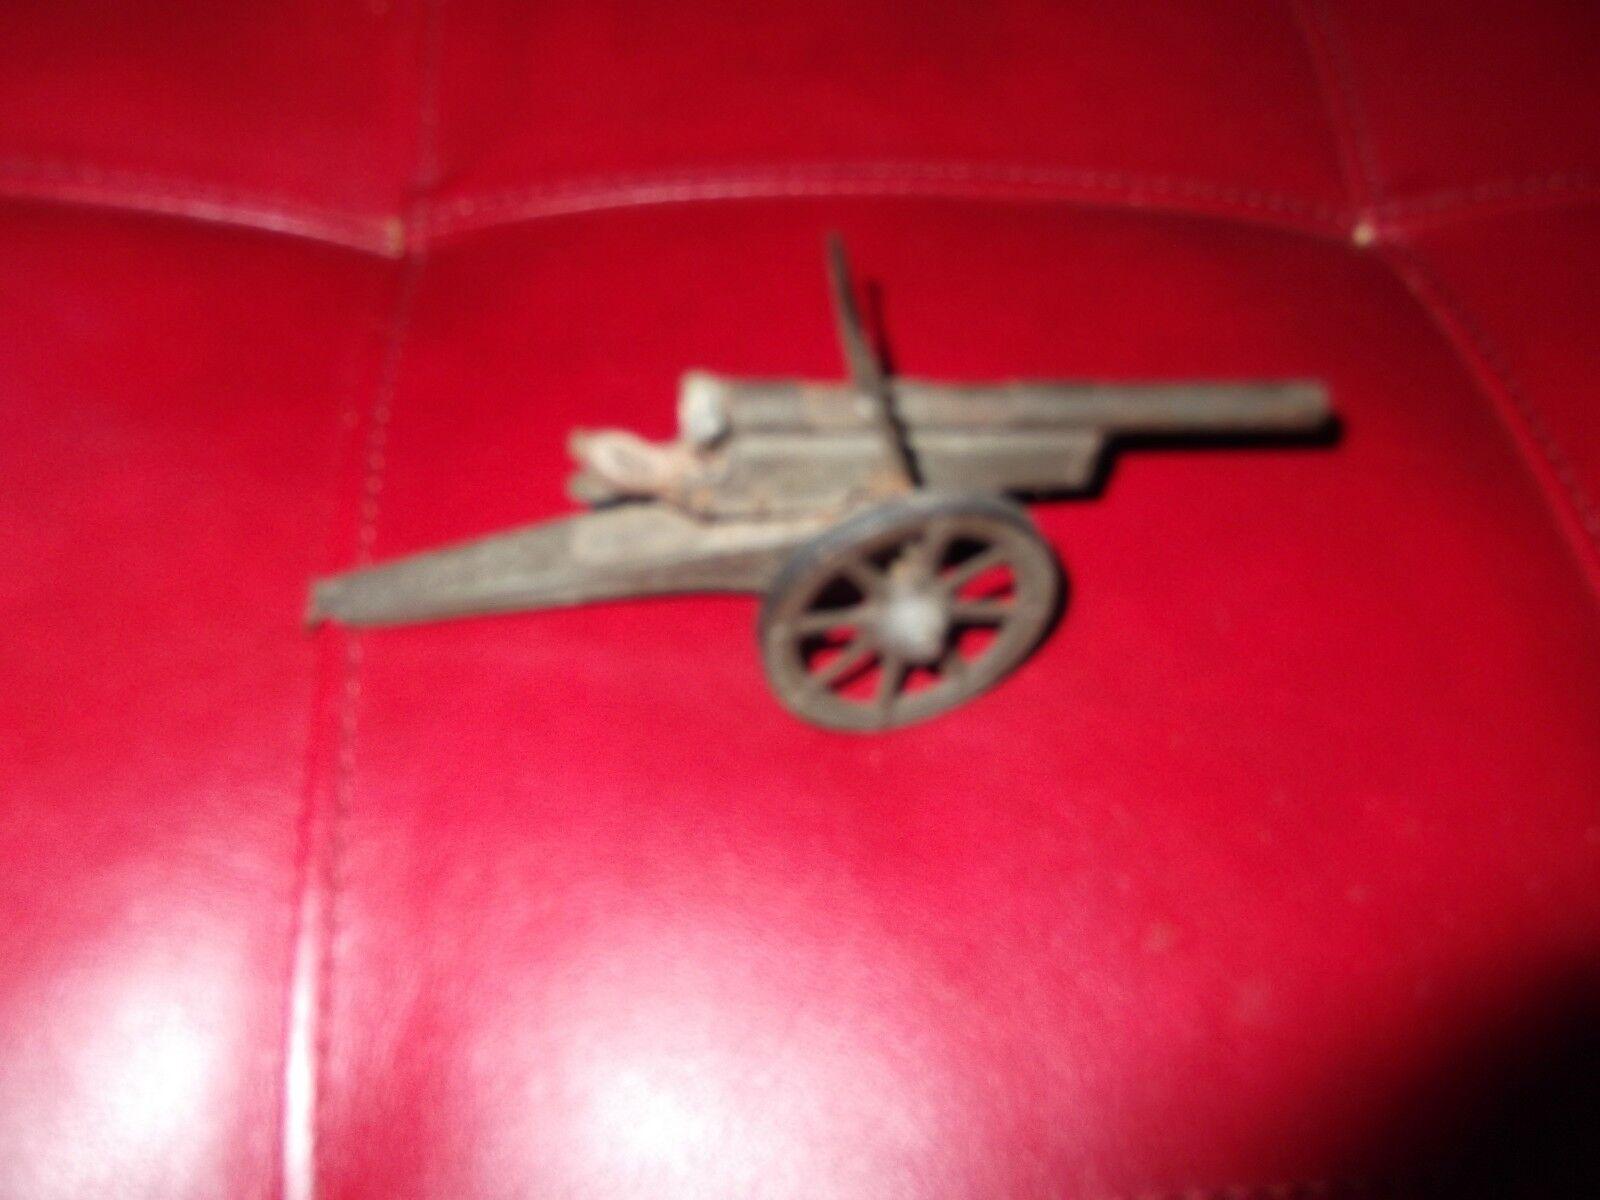 Hauser Onormal Tin leksak Cannon konstilleri Tyskland saknar hjul sällsynt gammal årgång